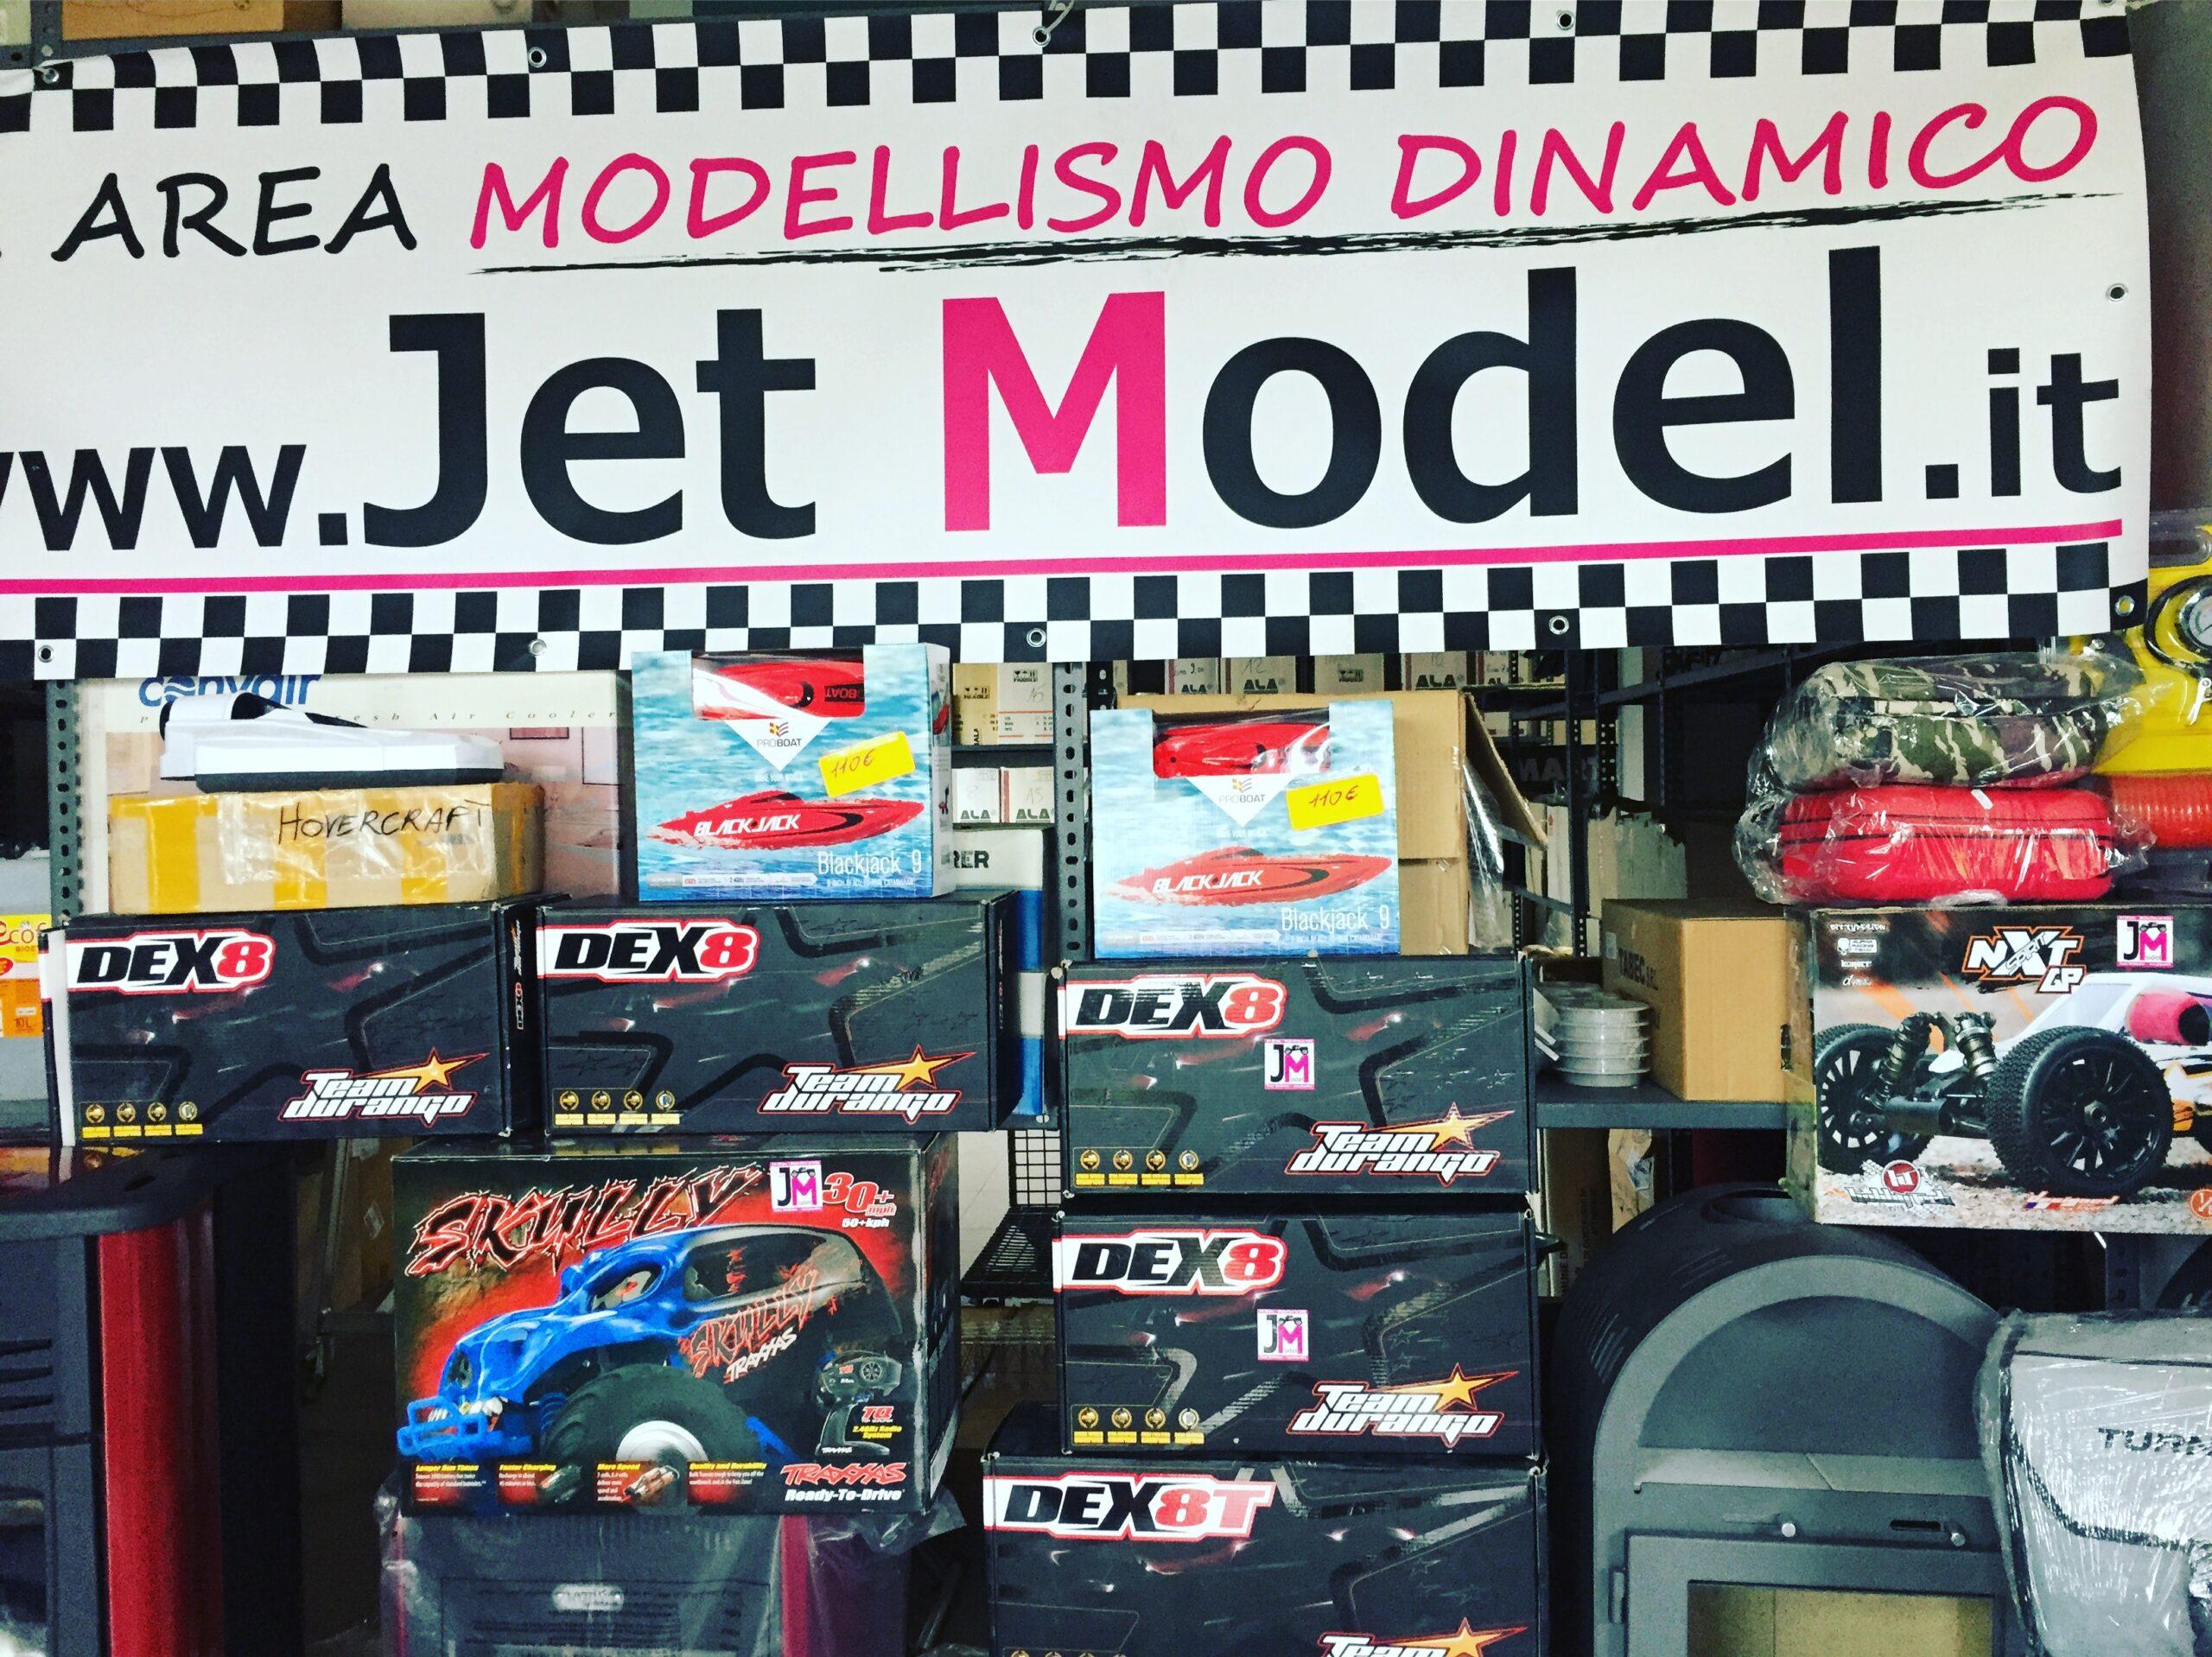 nuovo negozio modellismo dinamico a verona